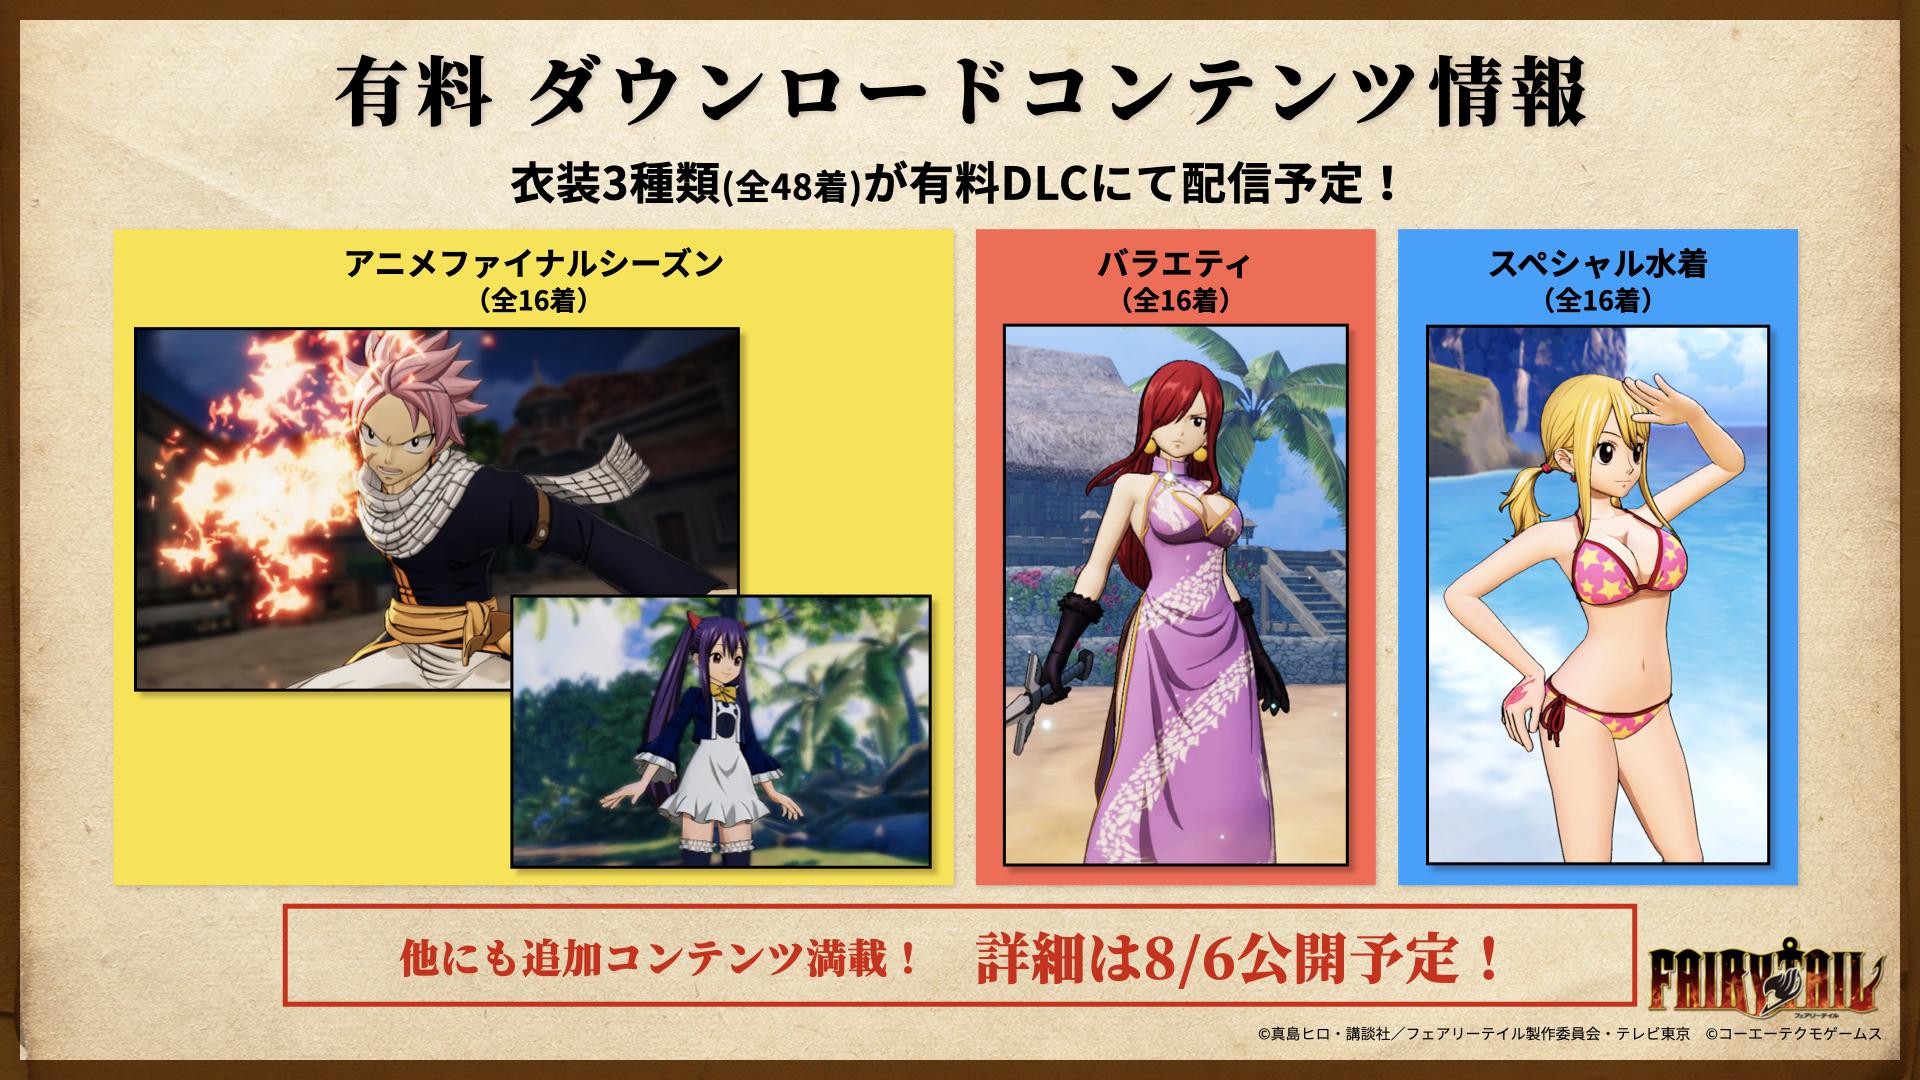 《妖精的尾巴》将加入拍照模式 DLC角色和服装公开